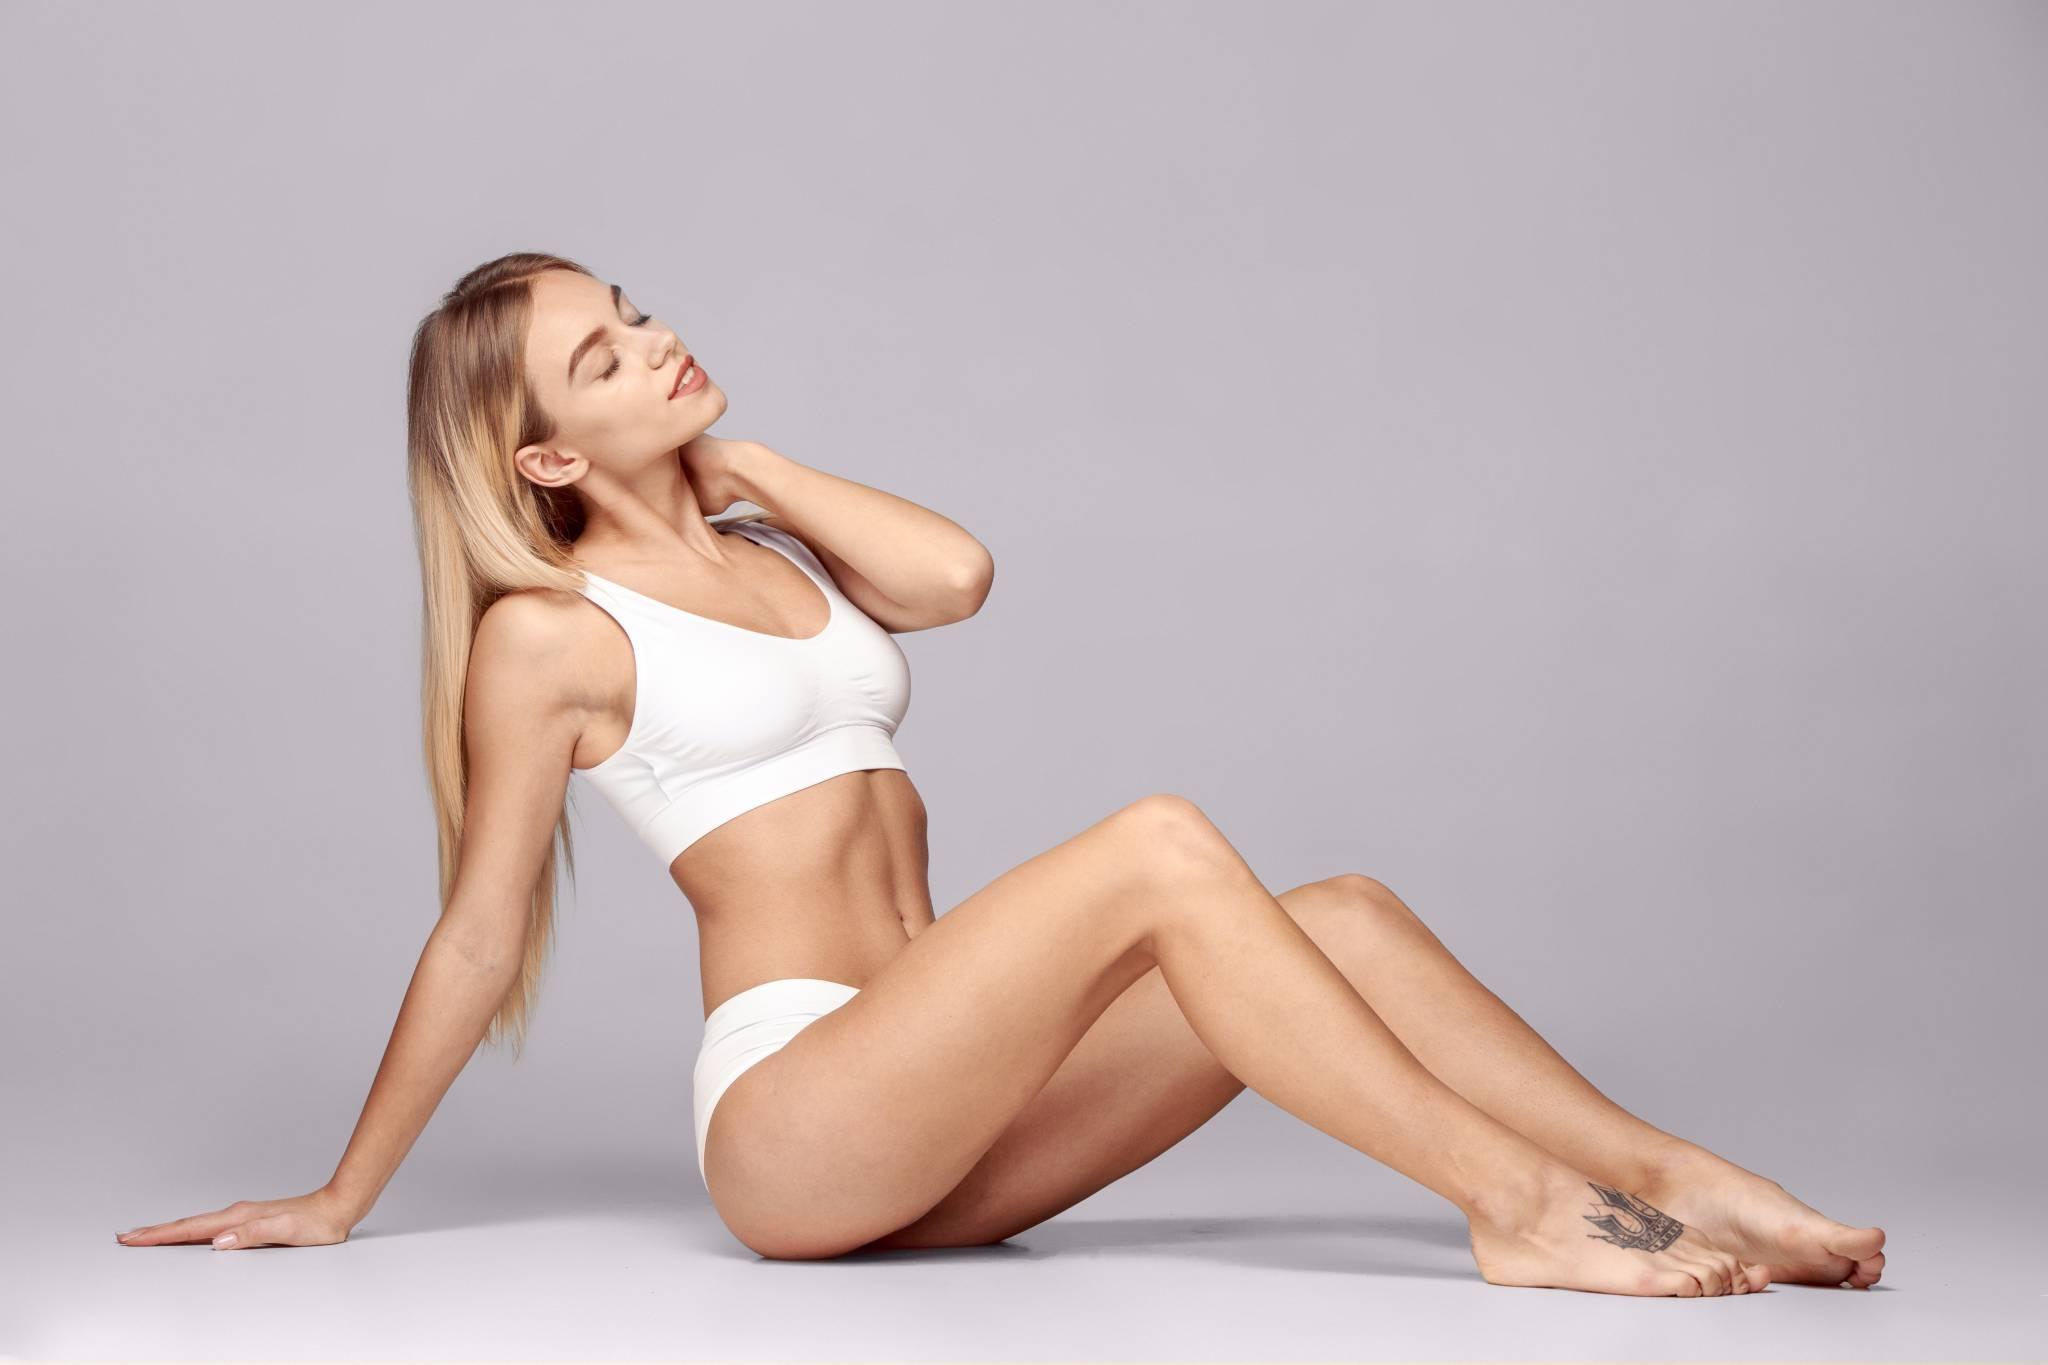 Odsysanie tłuszczu metodą liposukcji